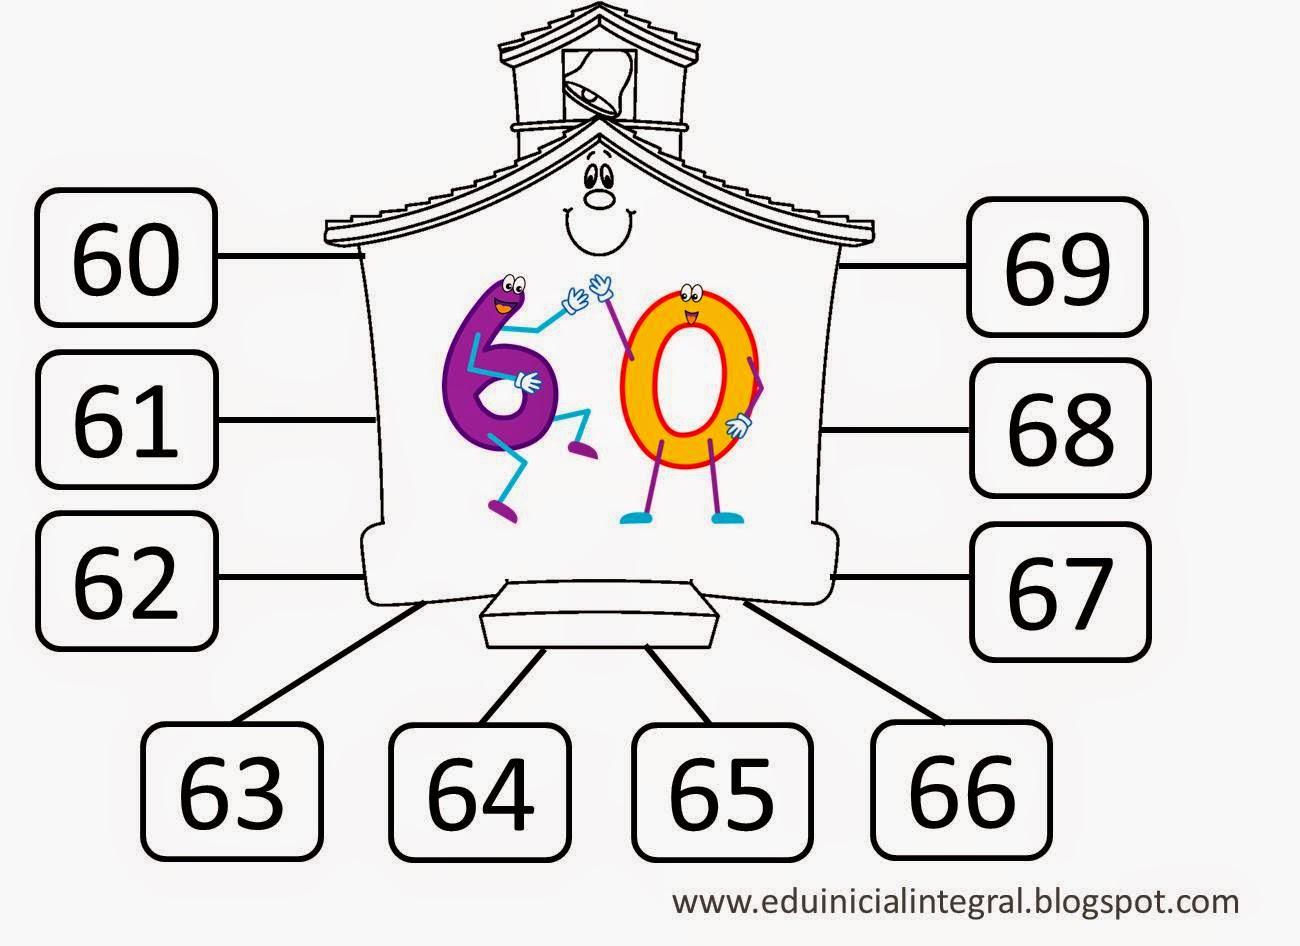 Educación Inicial para Todos: Familias de Números